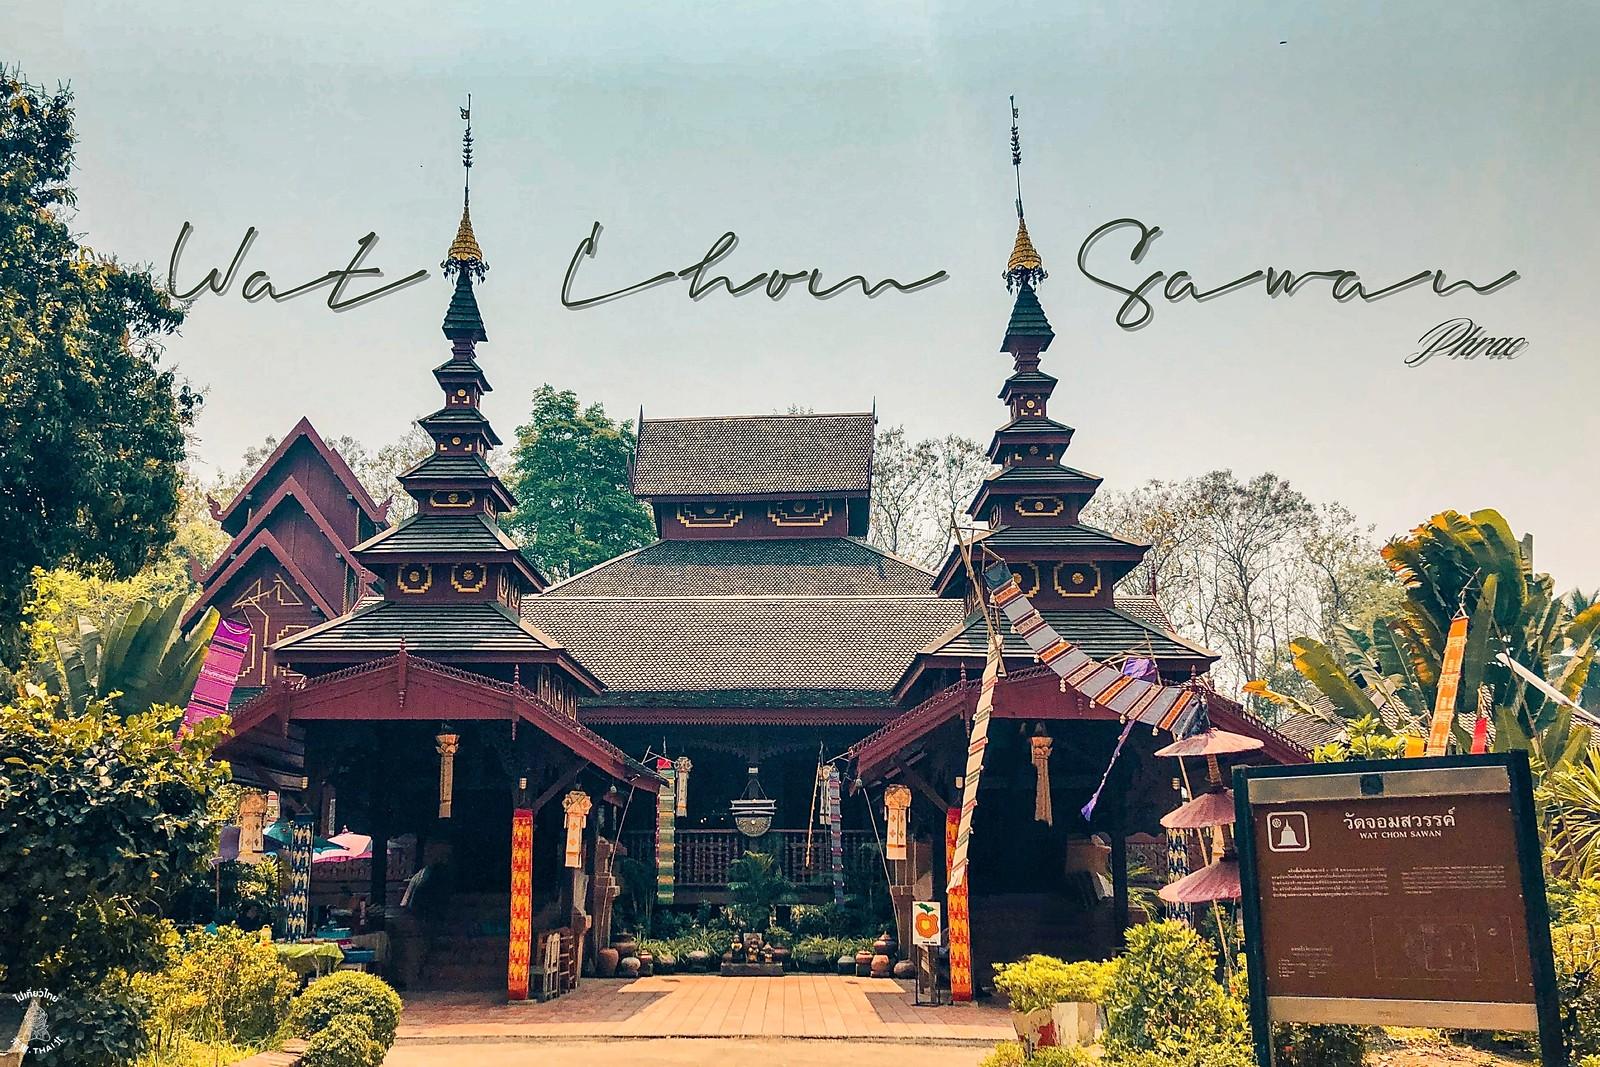 帕府。緬甸式建築國寶佛寺「วัดจอมสวรรค์ Wat Chom Sawan」